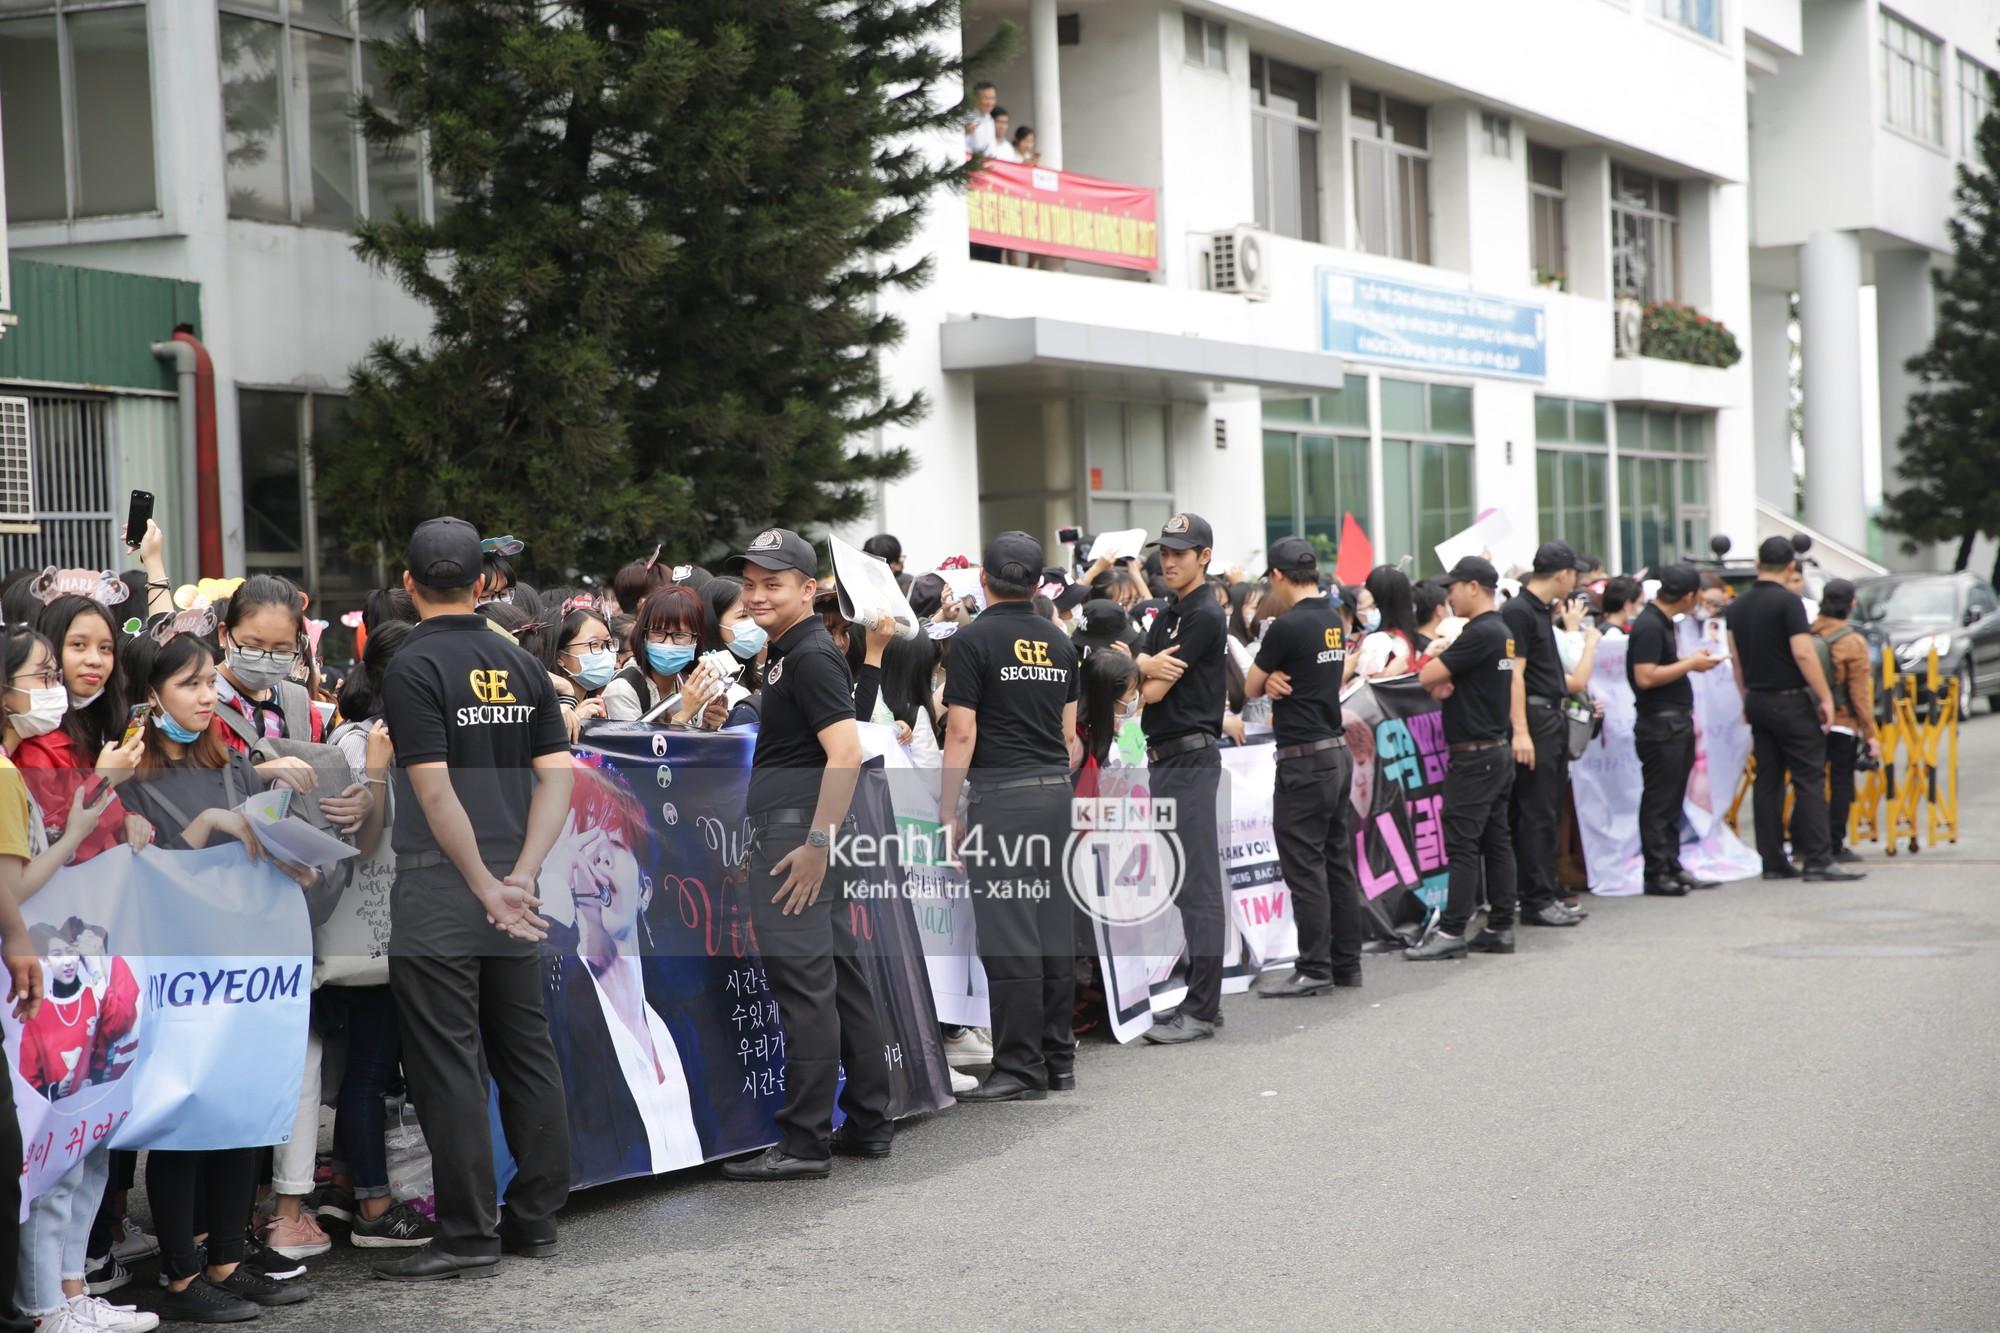 GOT7 cố vẫy chào tại sân bay Tân Sơn Nhất dù trời mưa to, fan Việt gây bất ngờ khi giữ thành hàng ngay ngắn chờ thần tượng - Ảnh 20.